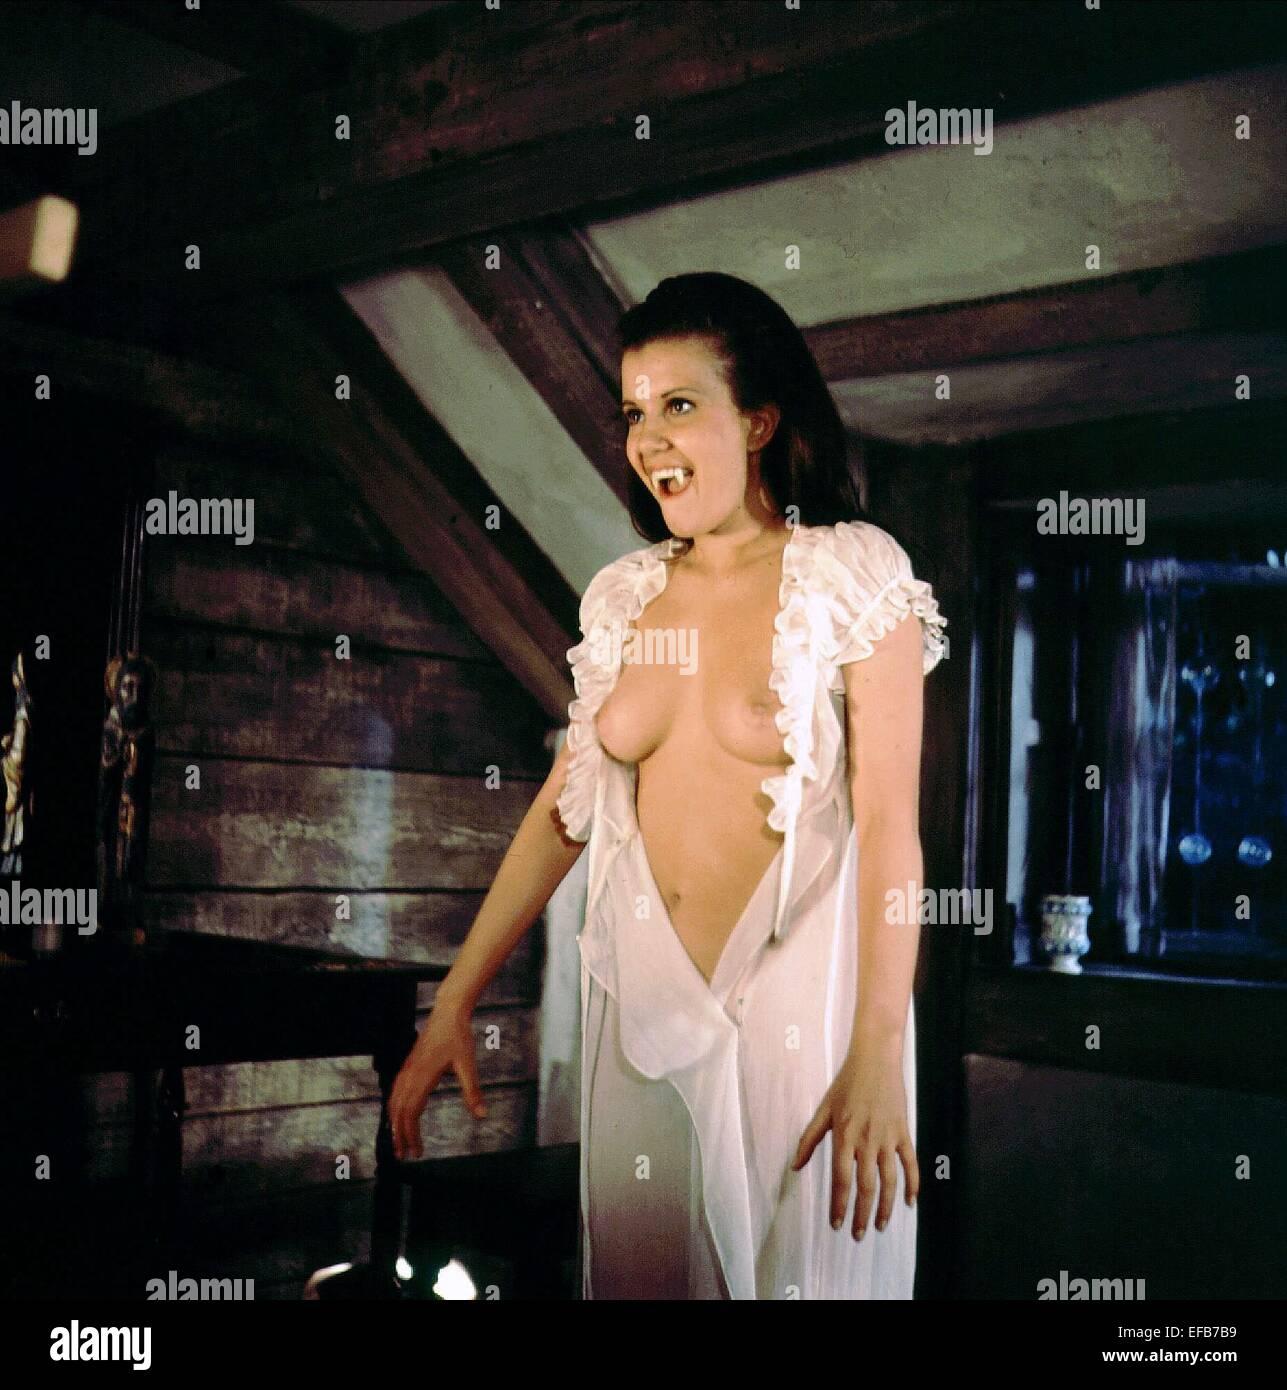 Madeleine collinson sexy gallery